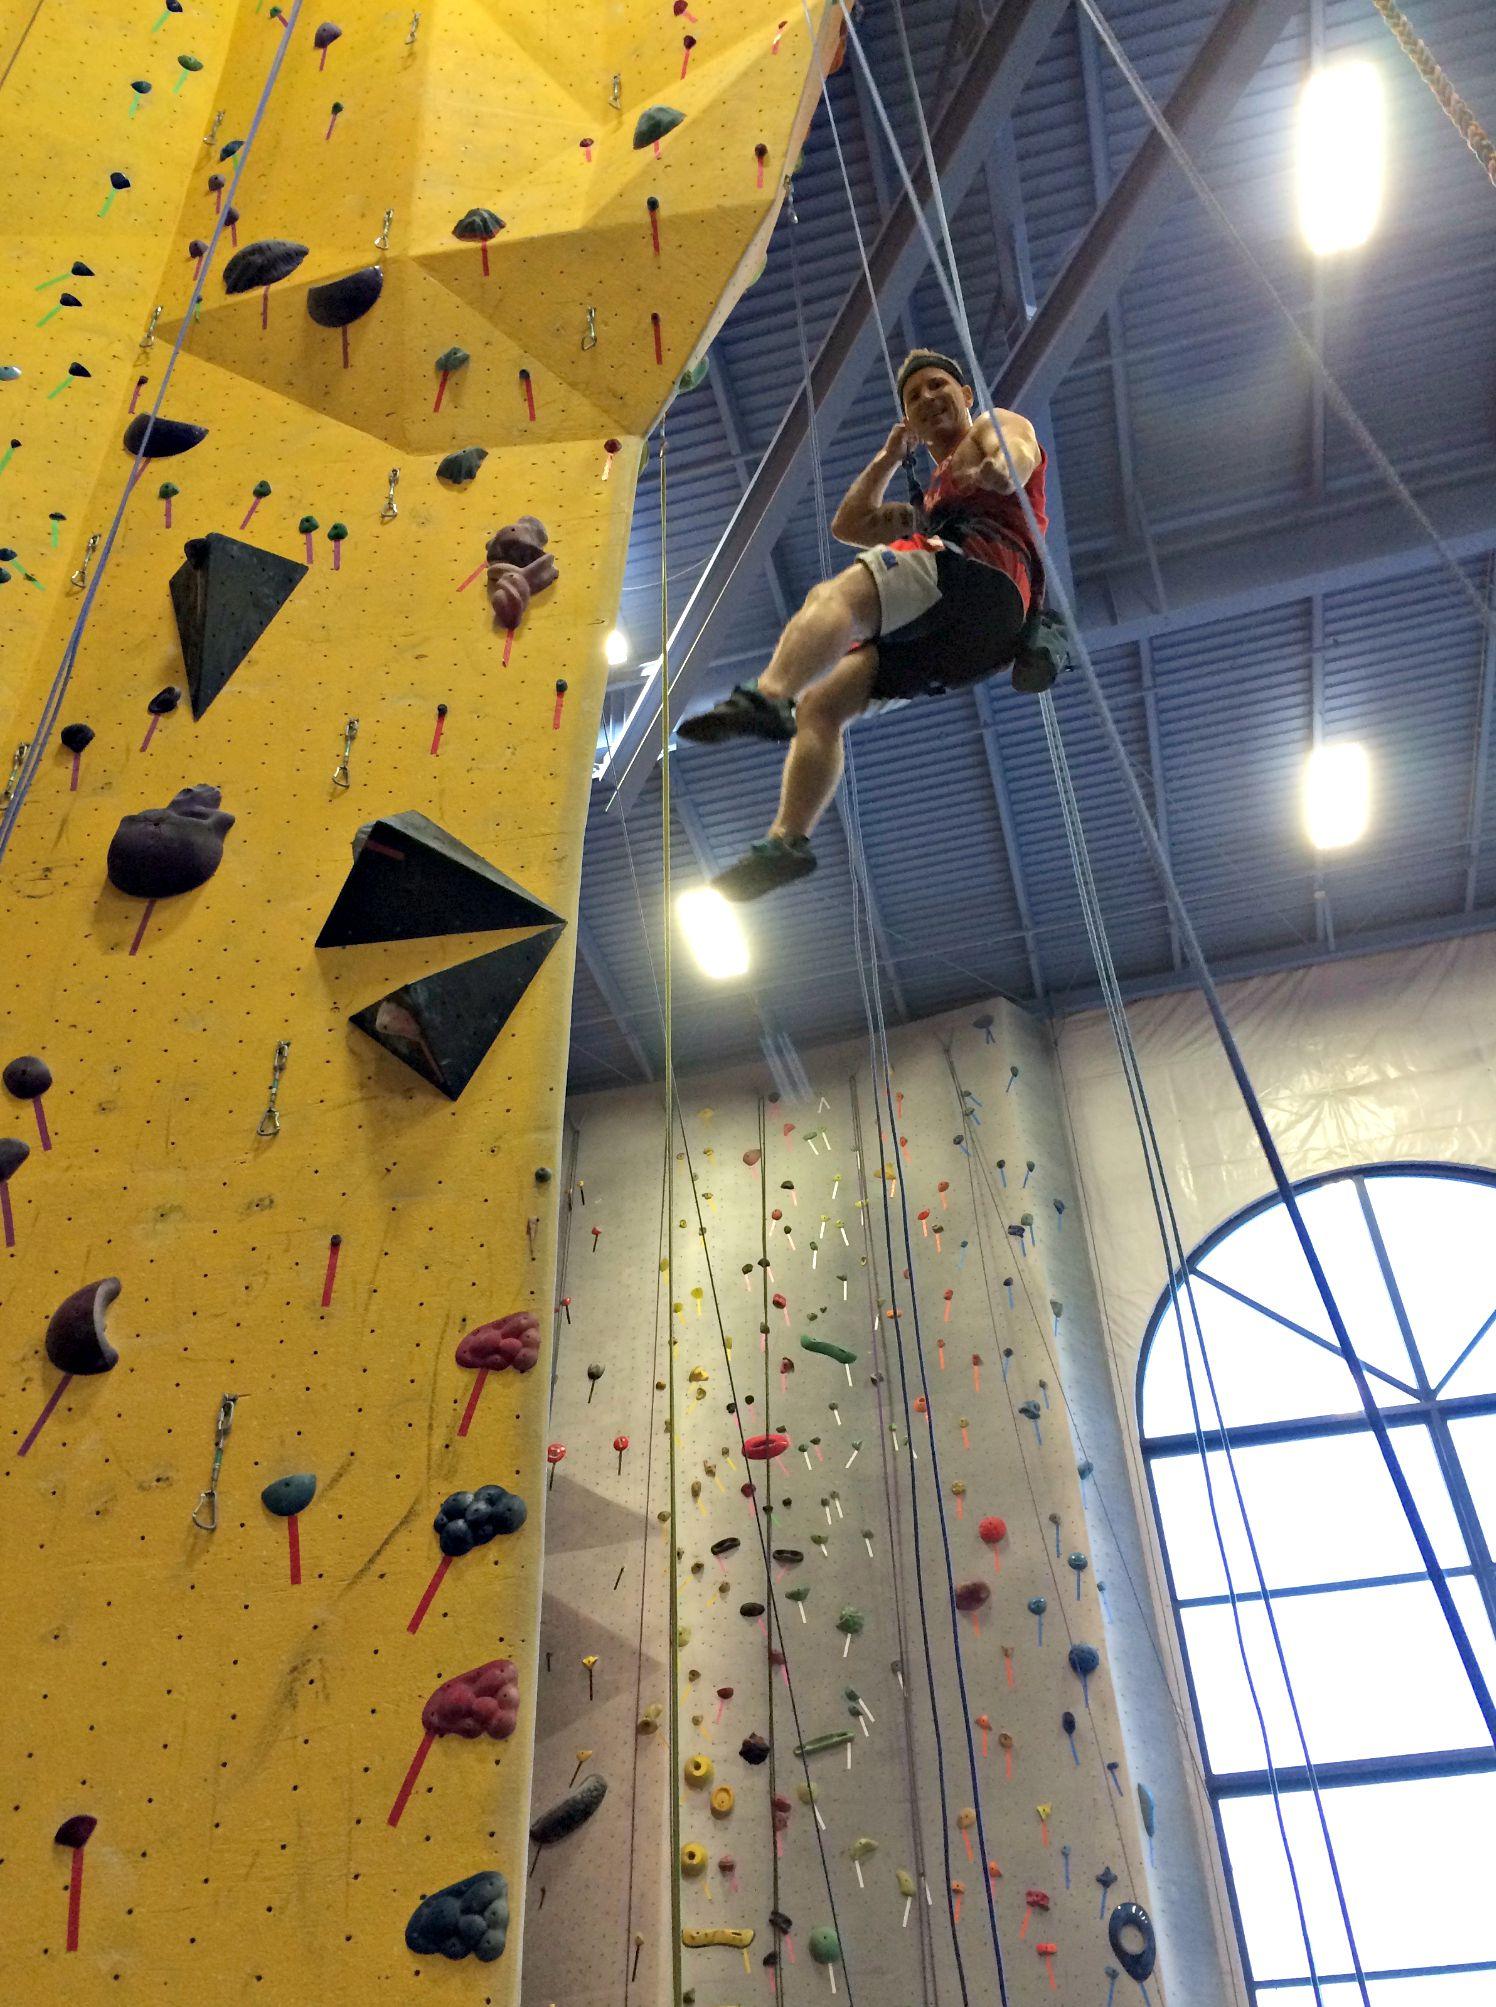 scott rappelling in climbing